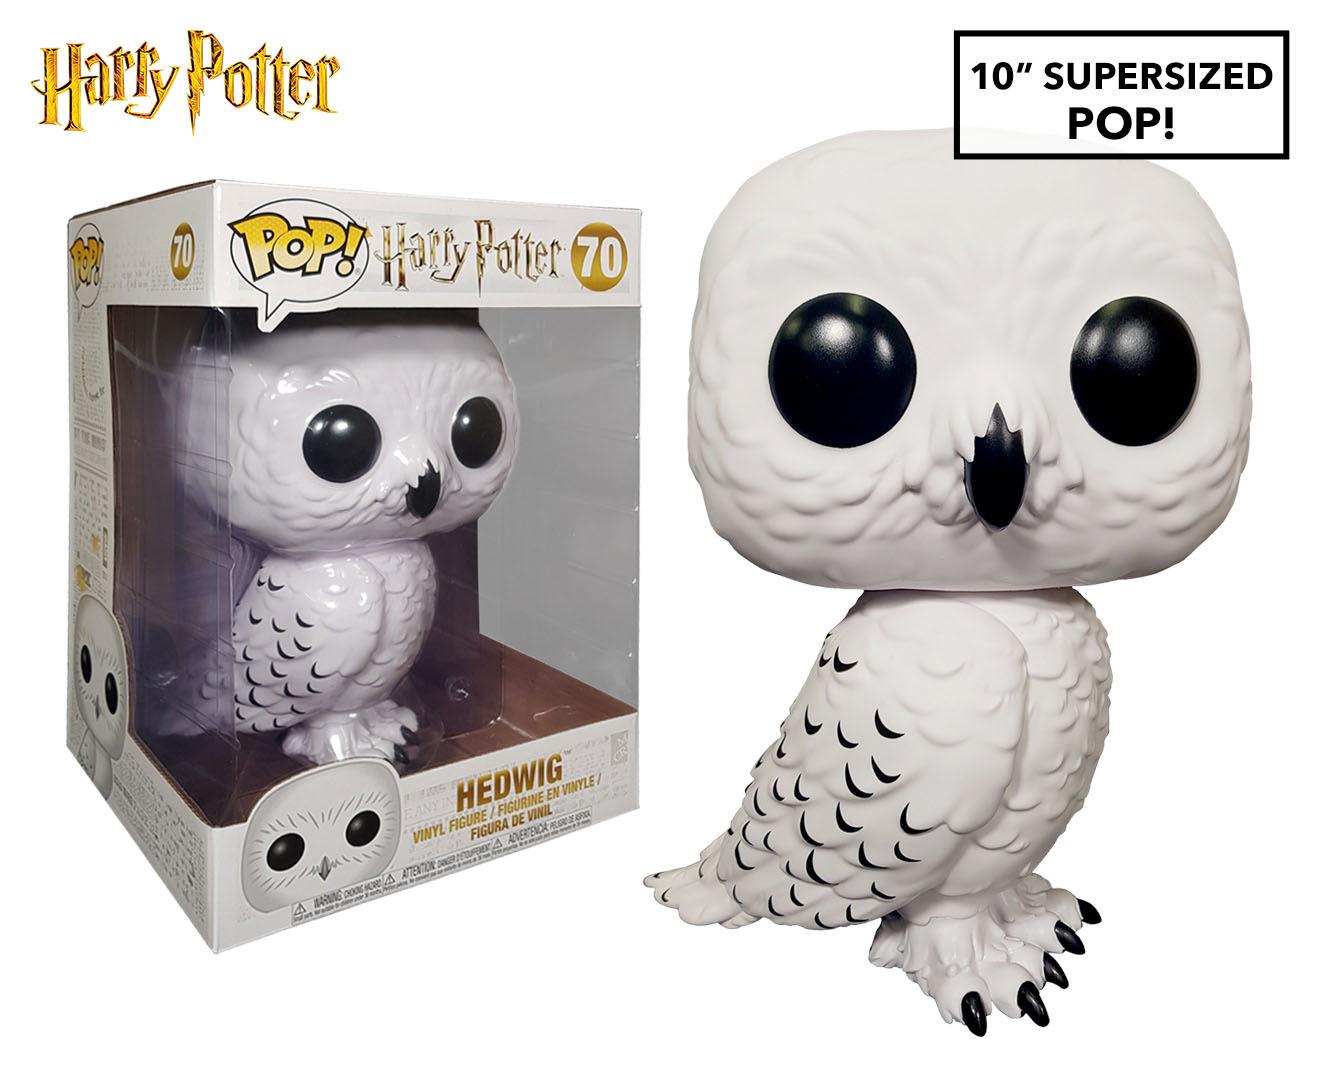 Harry Potter Hedwig Pop Vinyl-FUN35510